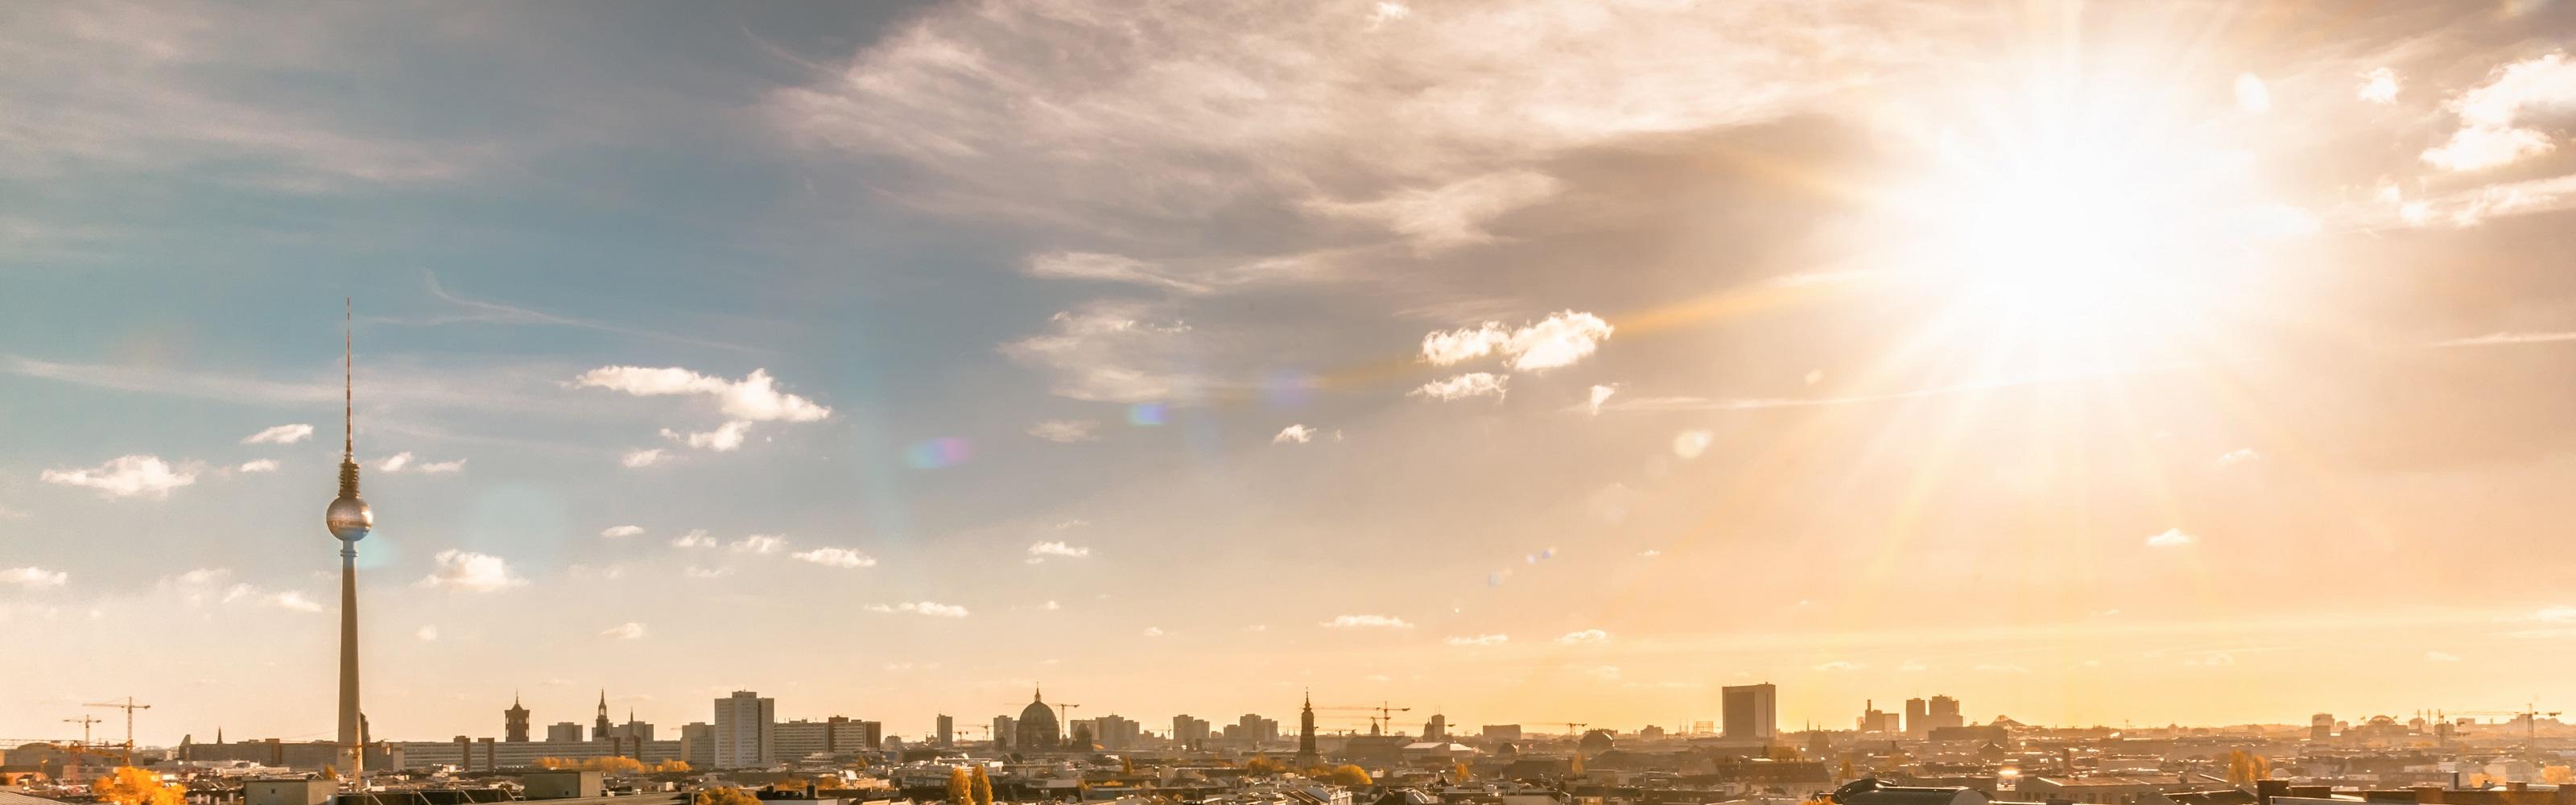 Blick über die Dächer von Berlin, viel leicht bewölkter Himmel. Links der Fernsehturm, rechts die blendende Sonne.